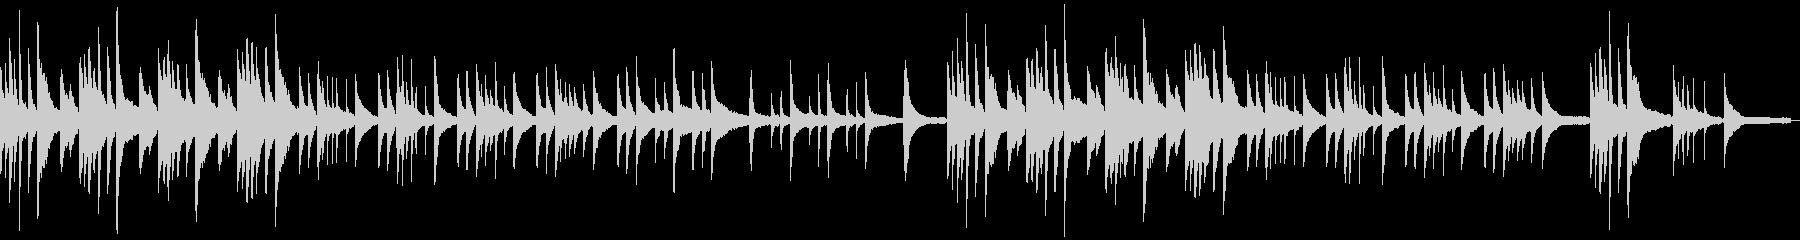 ゆったりとした静かで悲しげなソロピアノの未再生の波形